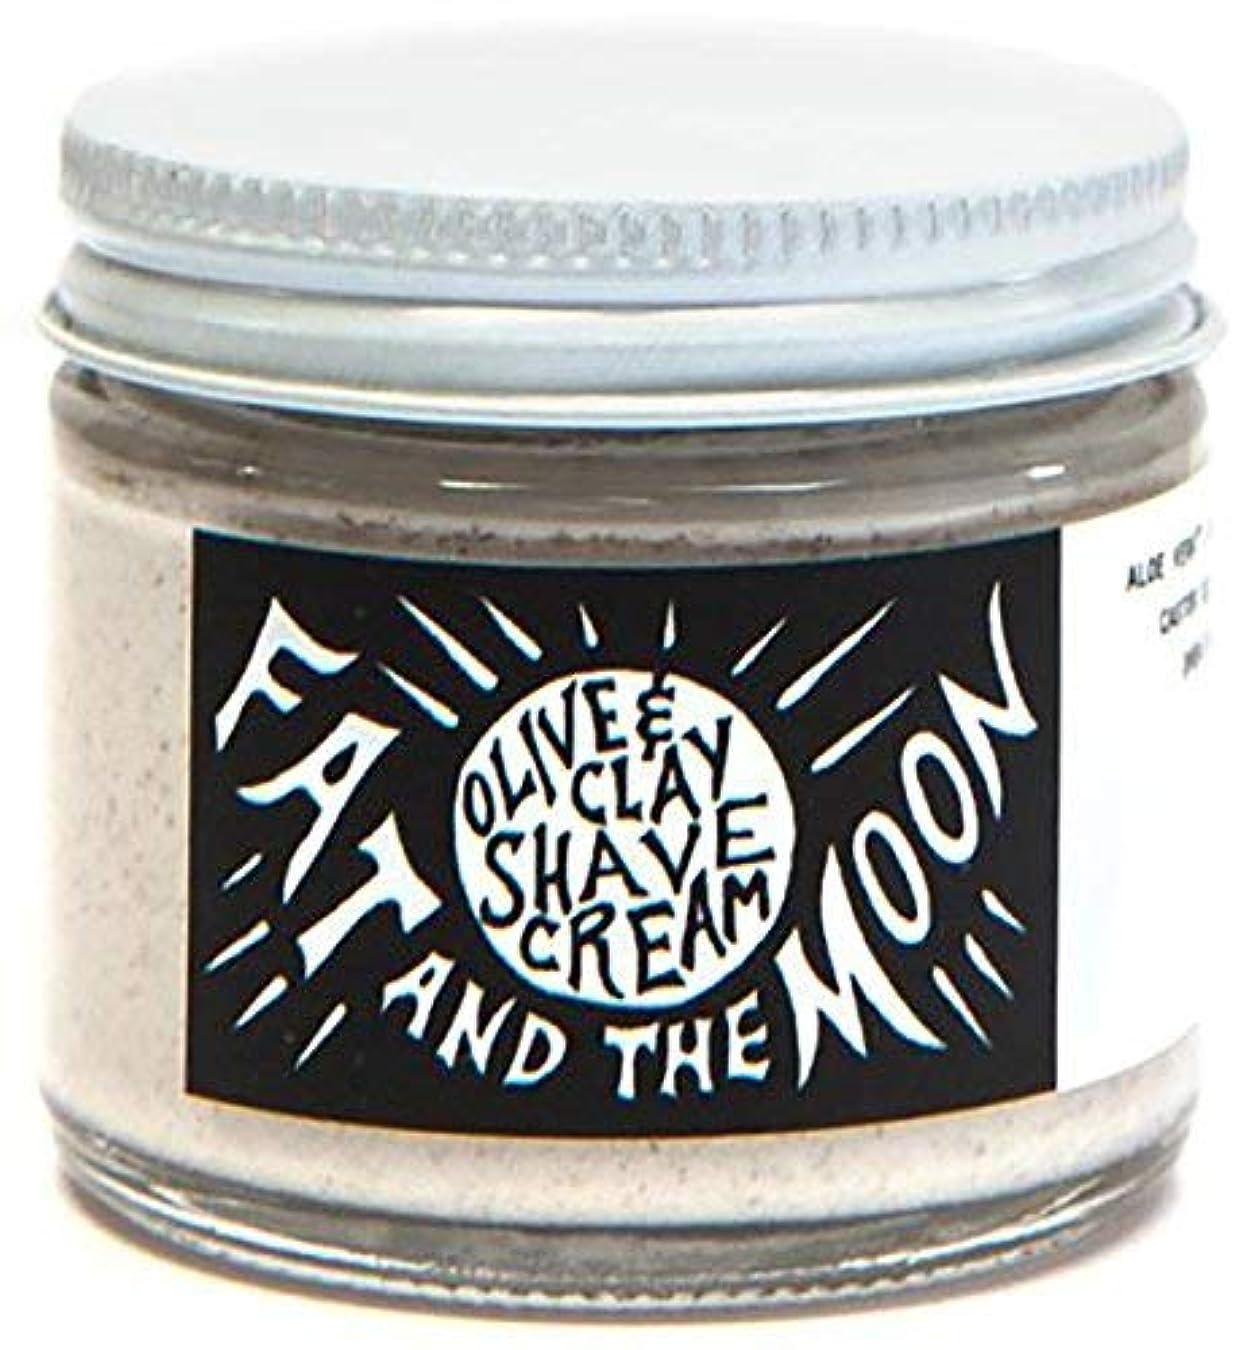 器官祈る害Fat and The Moon - All Natural Olive & Clay Shave Cream (2 fl oz) [並行輸入品]